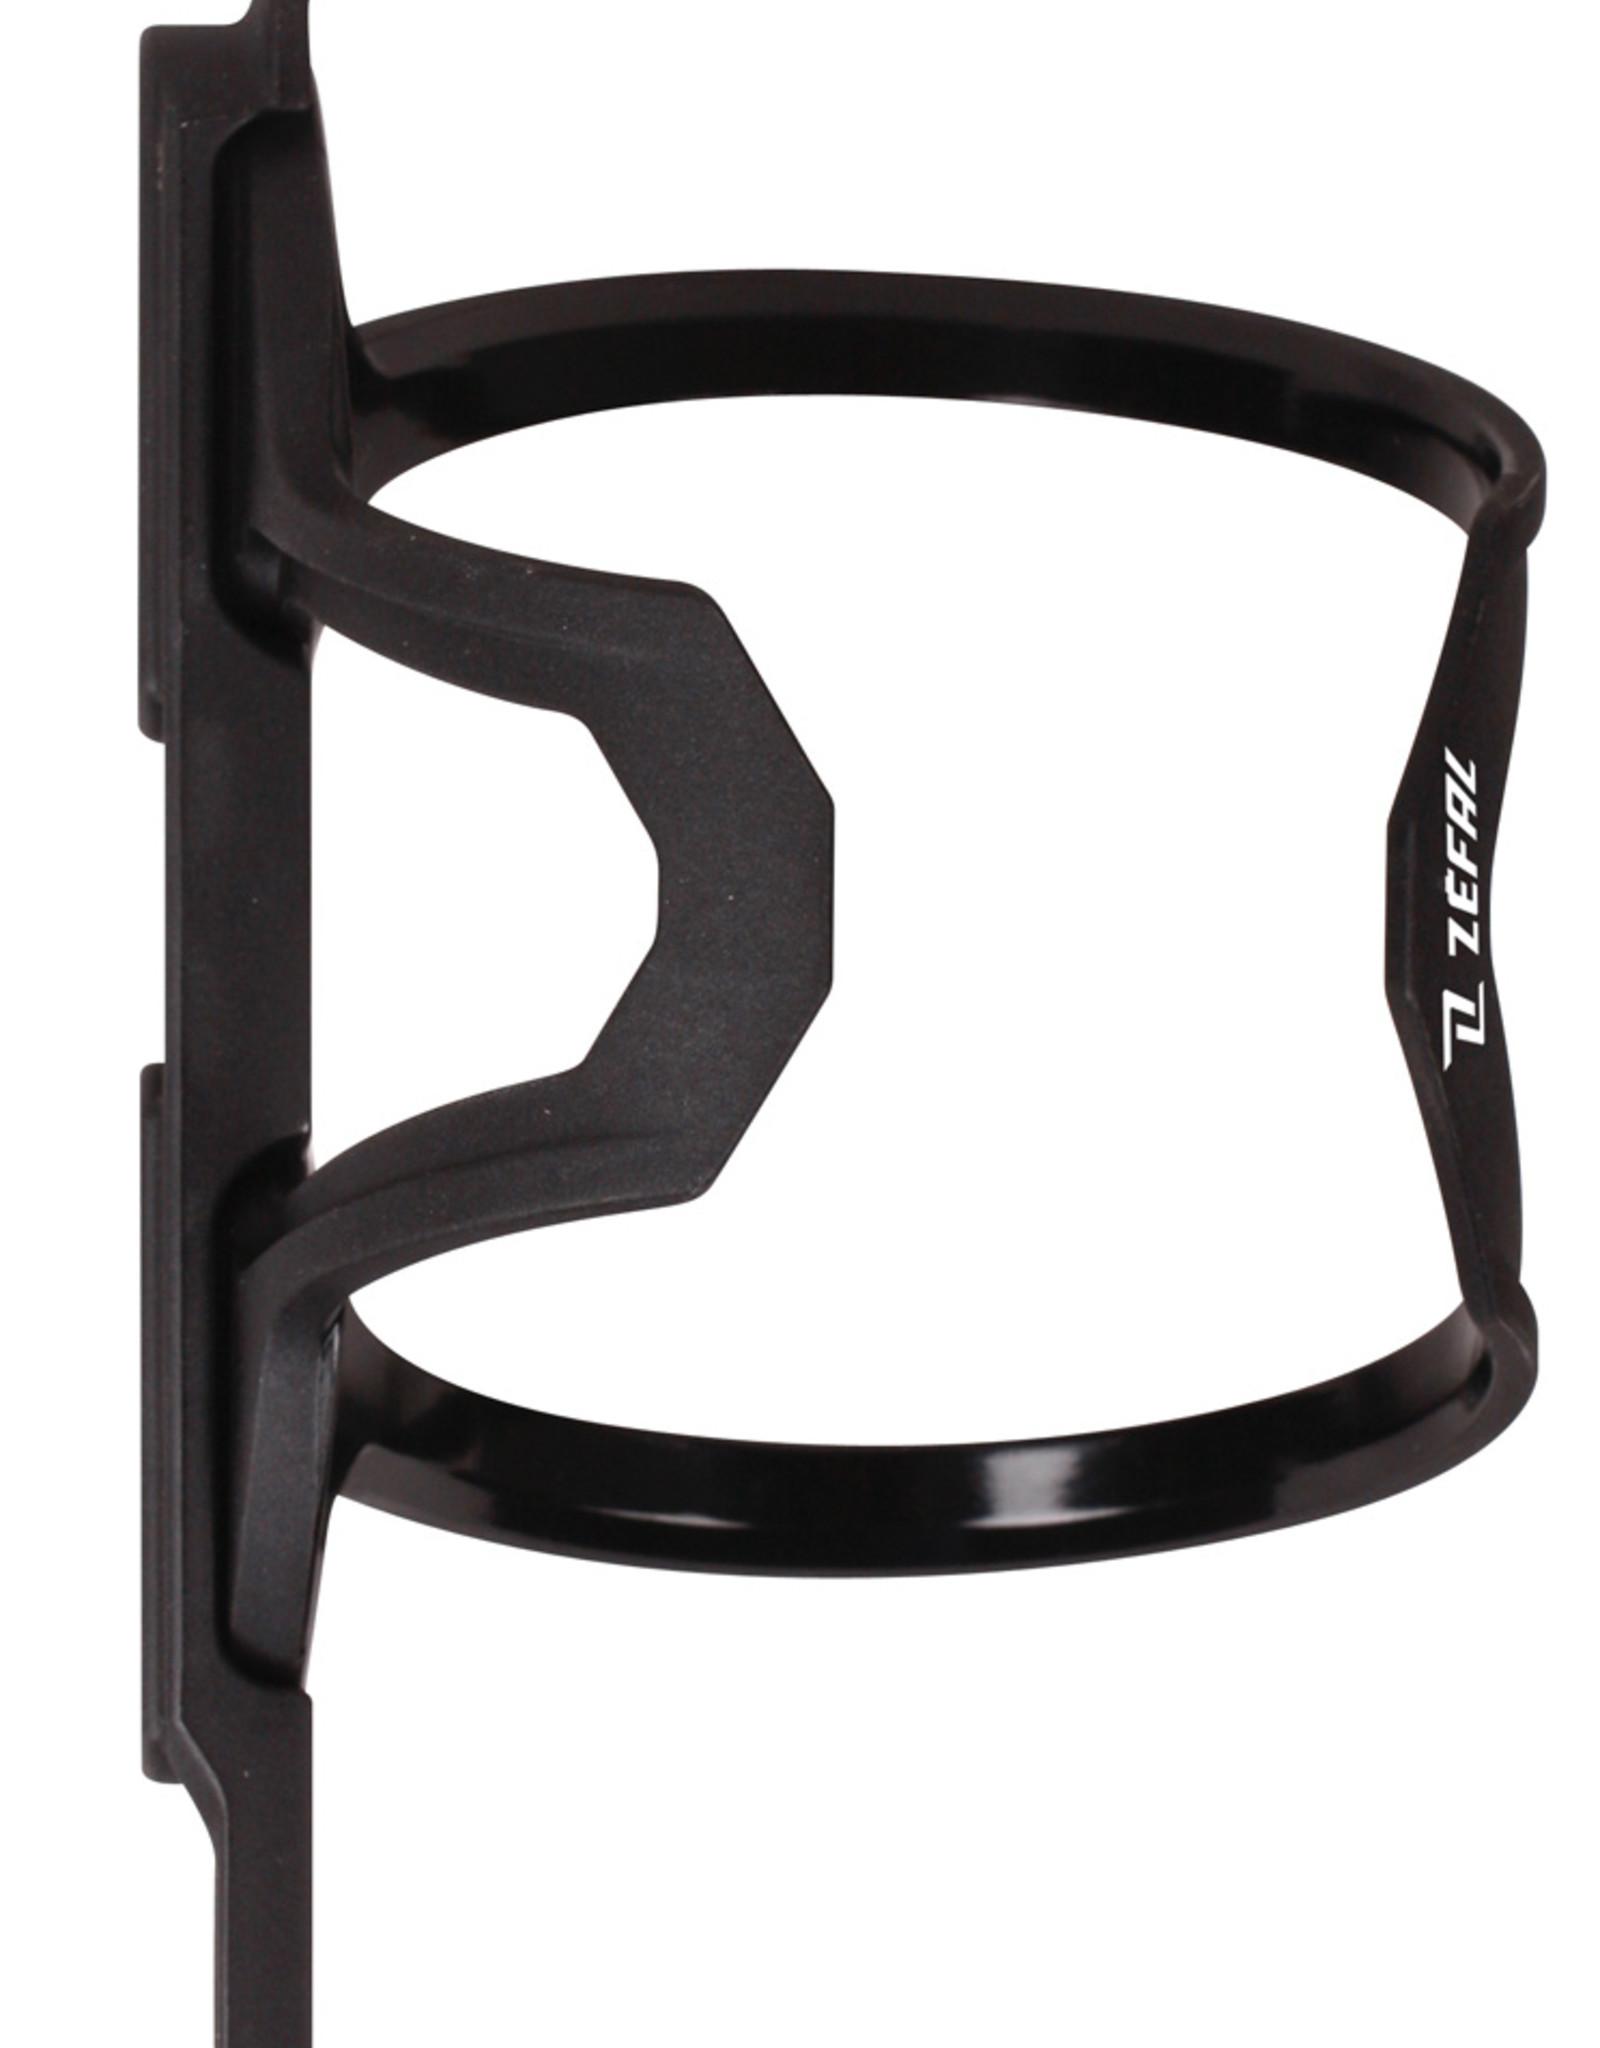 Zefal Pulse Z2i Side-Opening Bottle Cage in Black